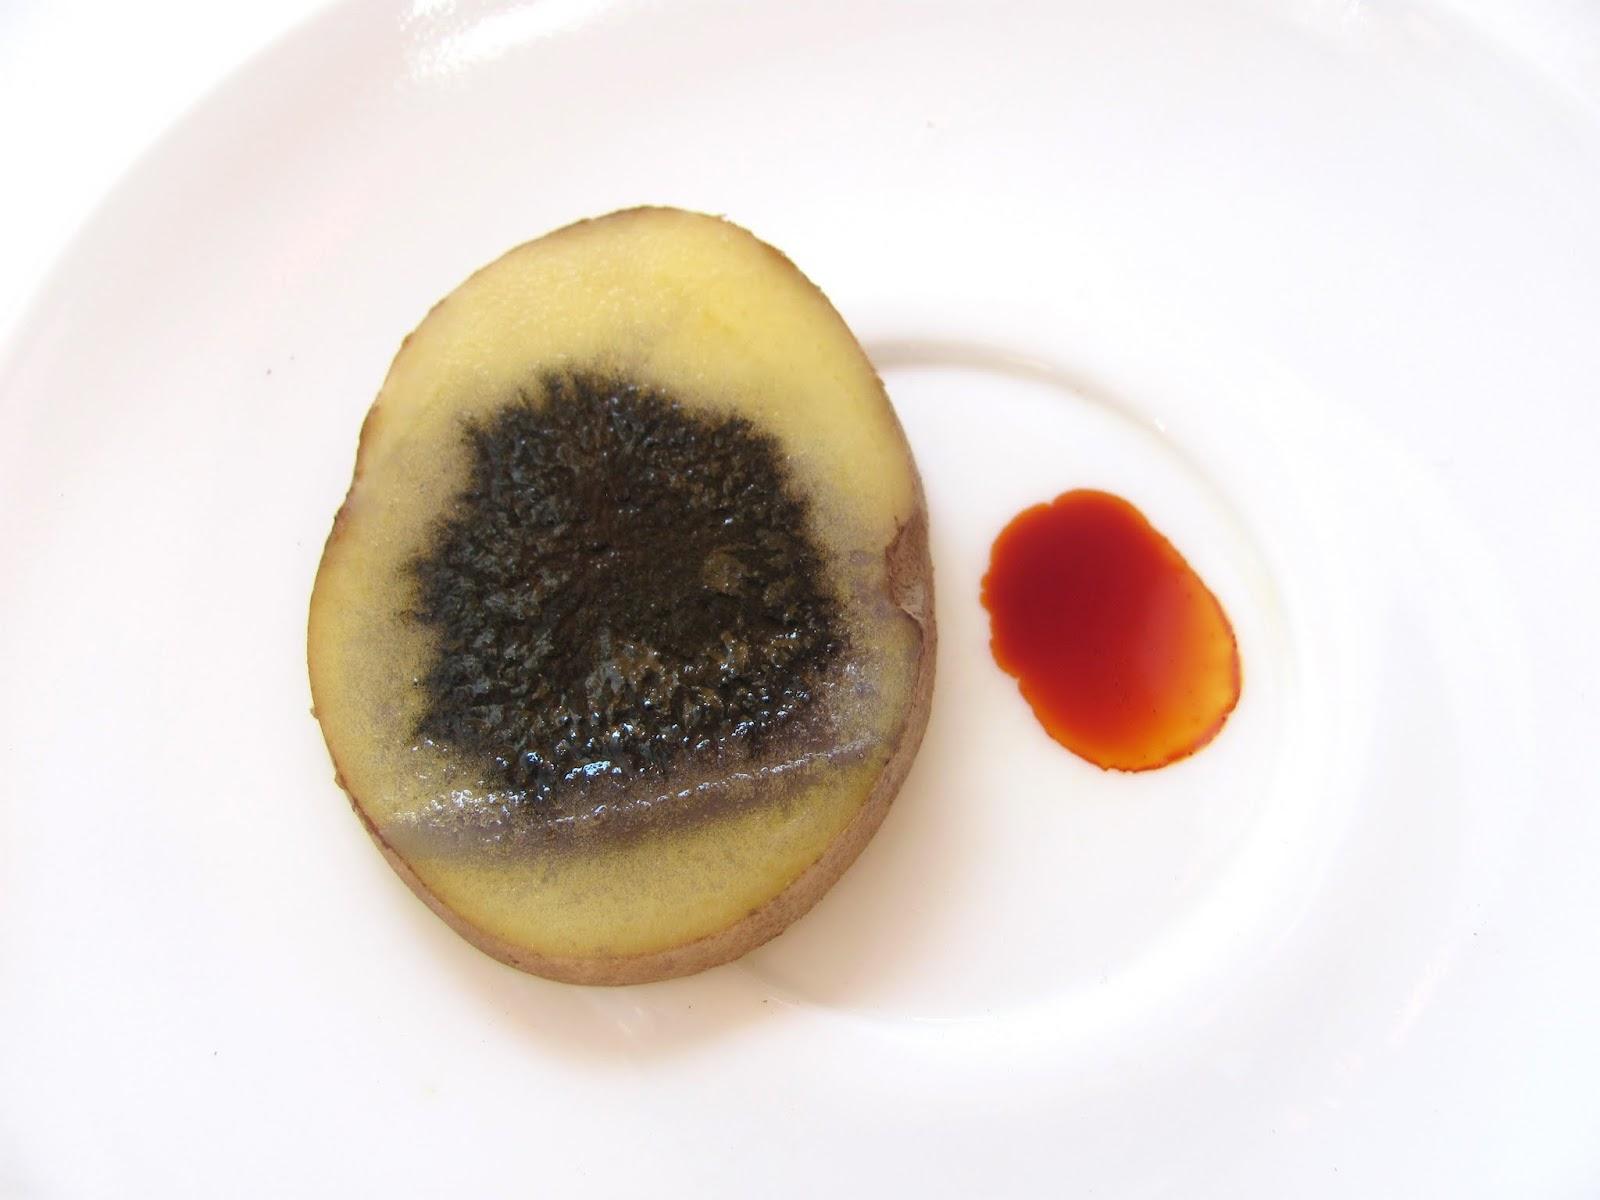 Опыт с йодом и картошкой